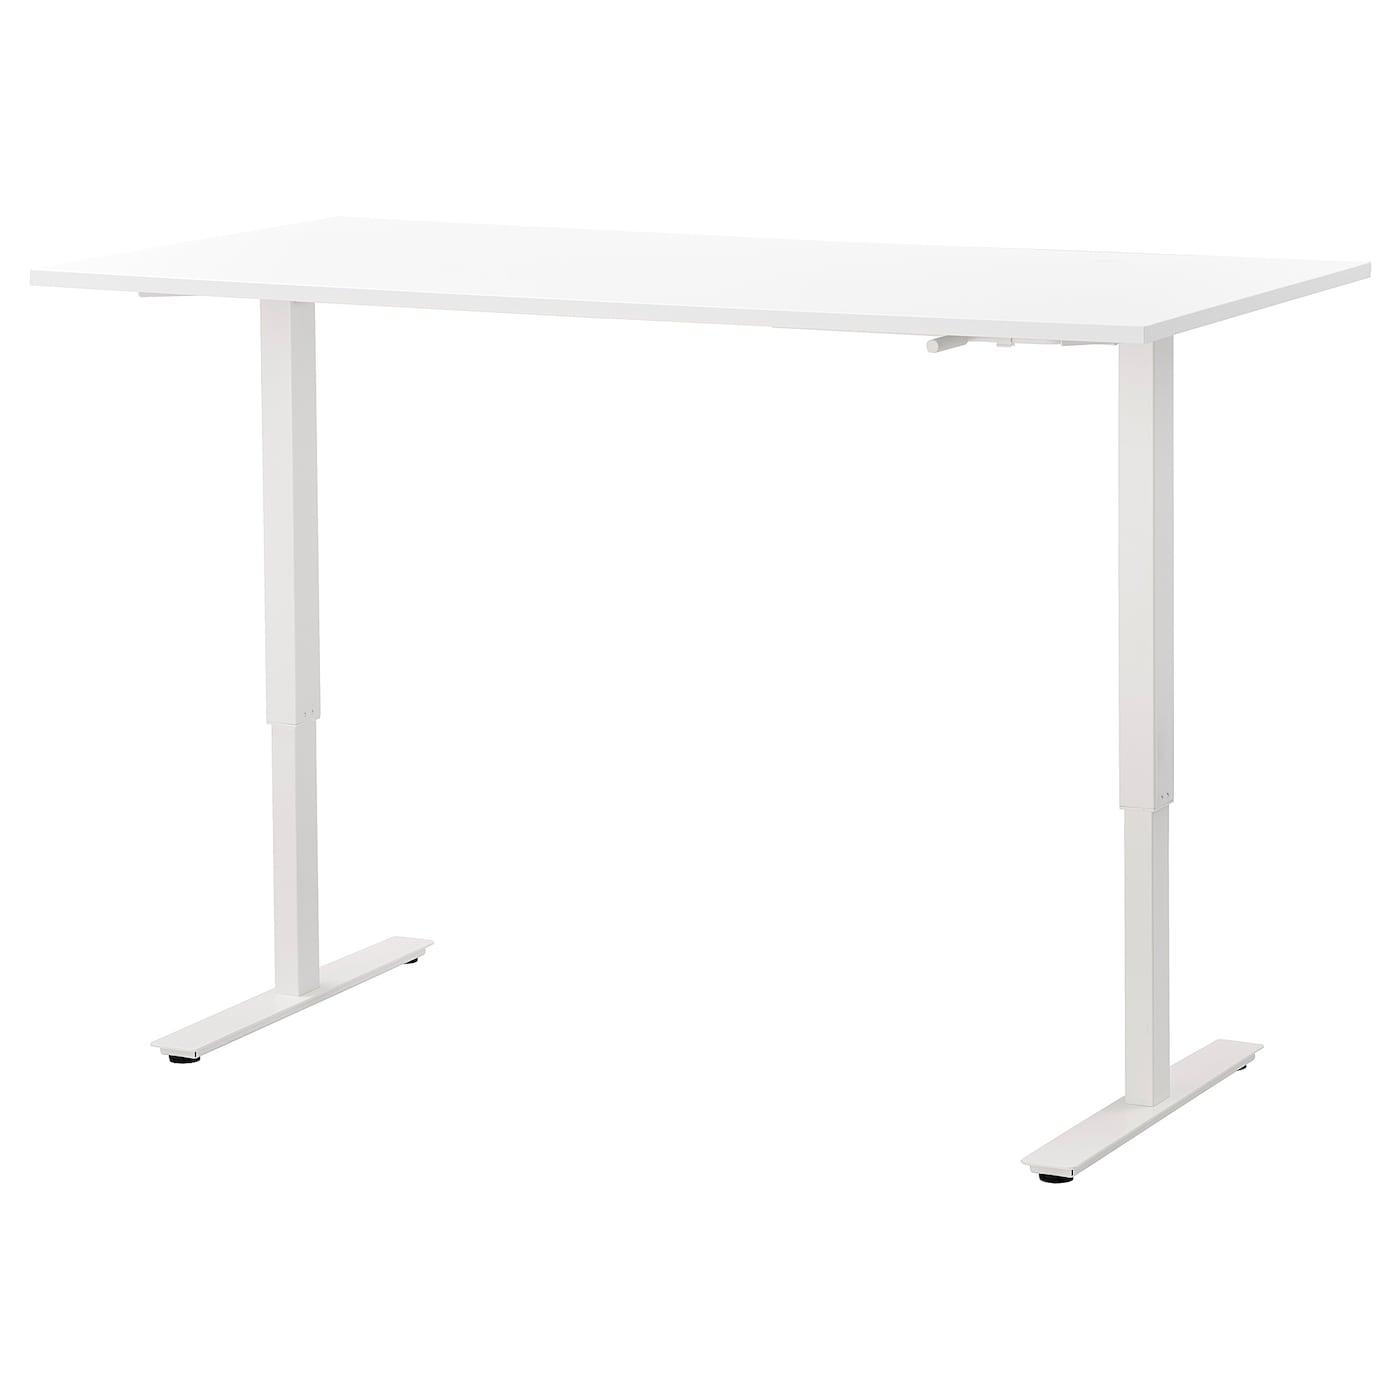 IKEA SKARSTA Biurko z regulacją wysokości, biały, 160x80 cm